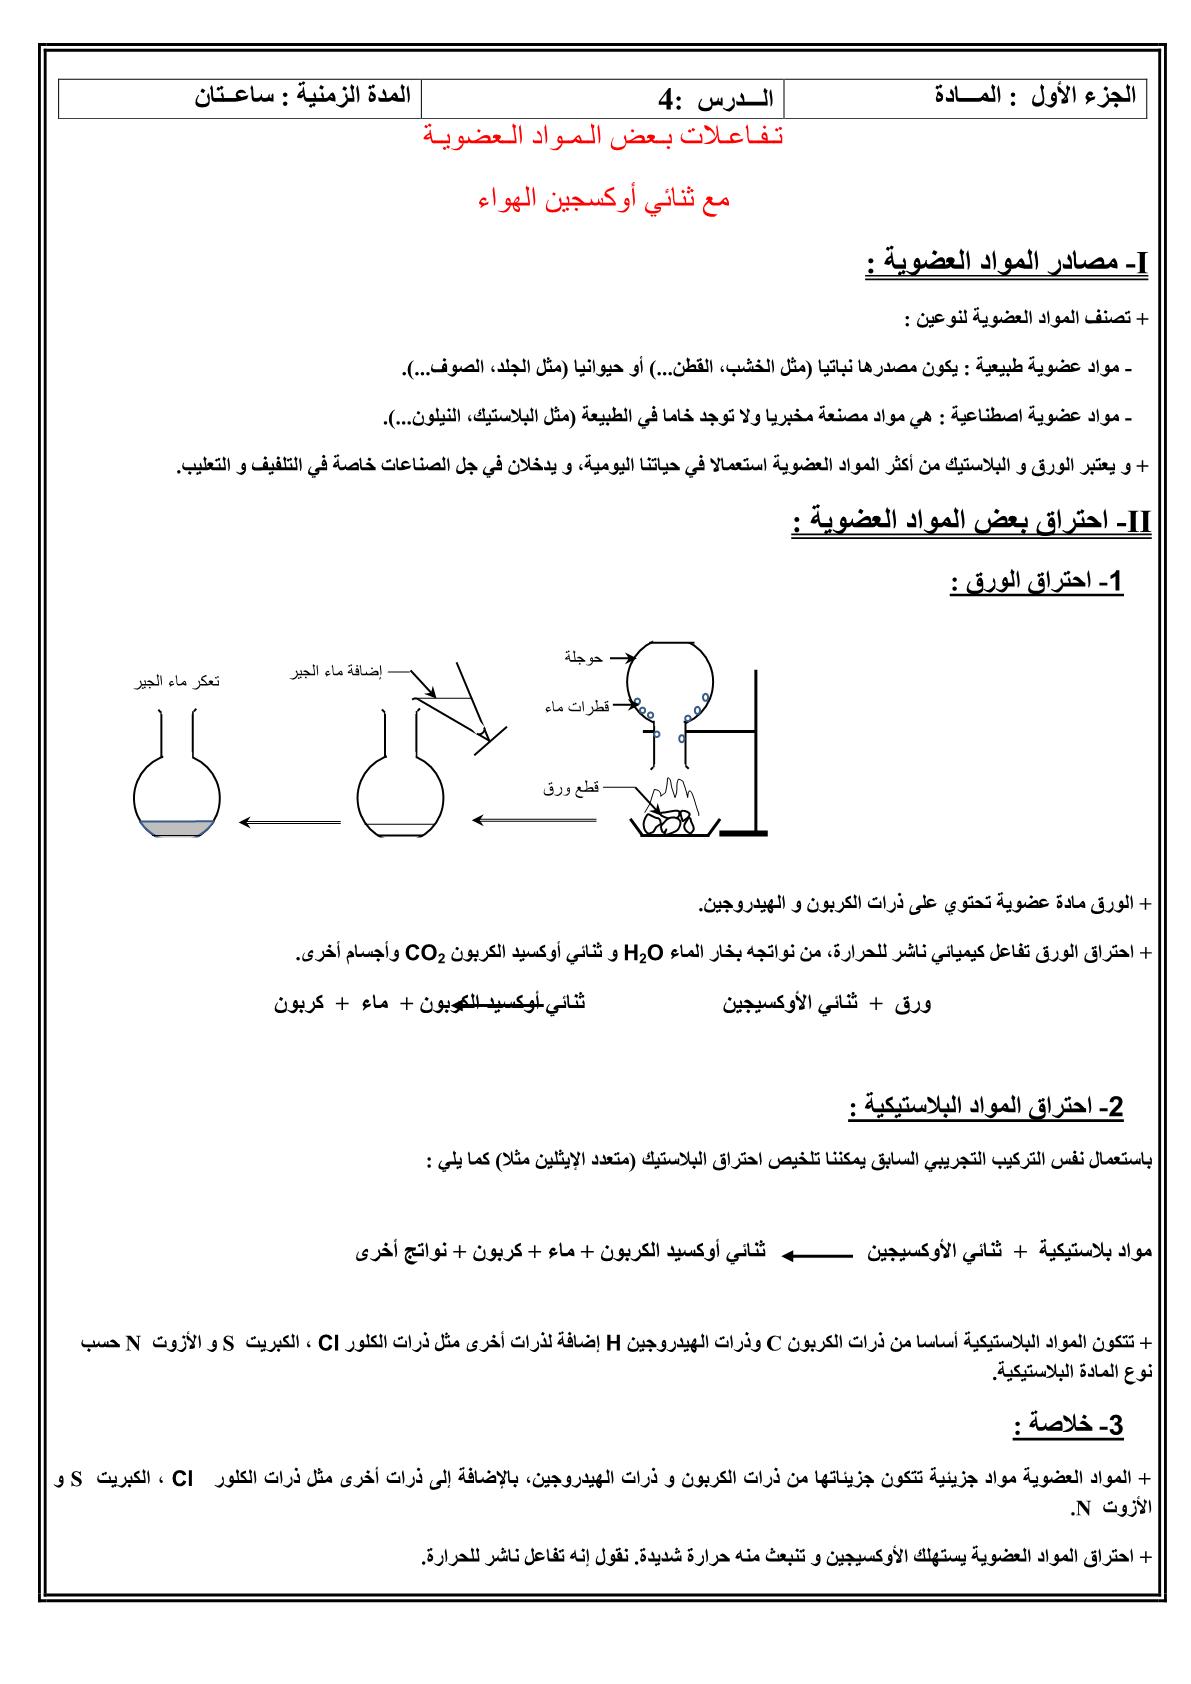 درس تفاعلات بعض المواد العضوية مع ثنائي أكسيجين الهواء